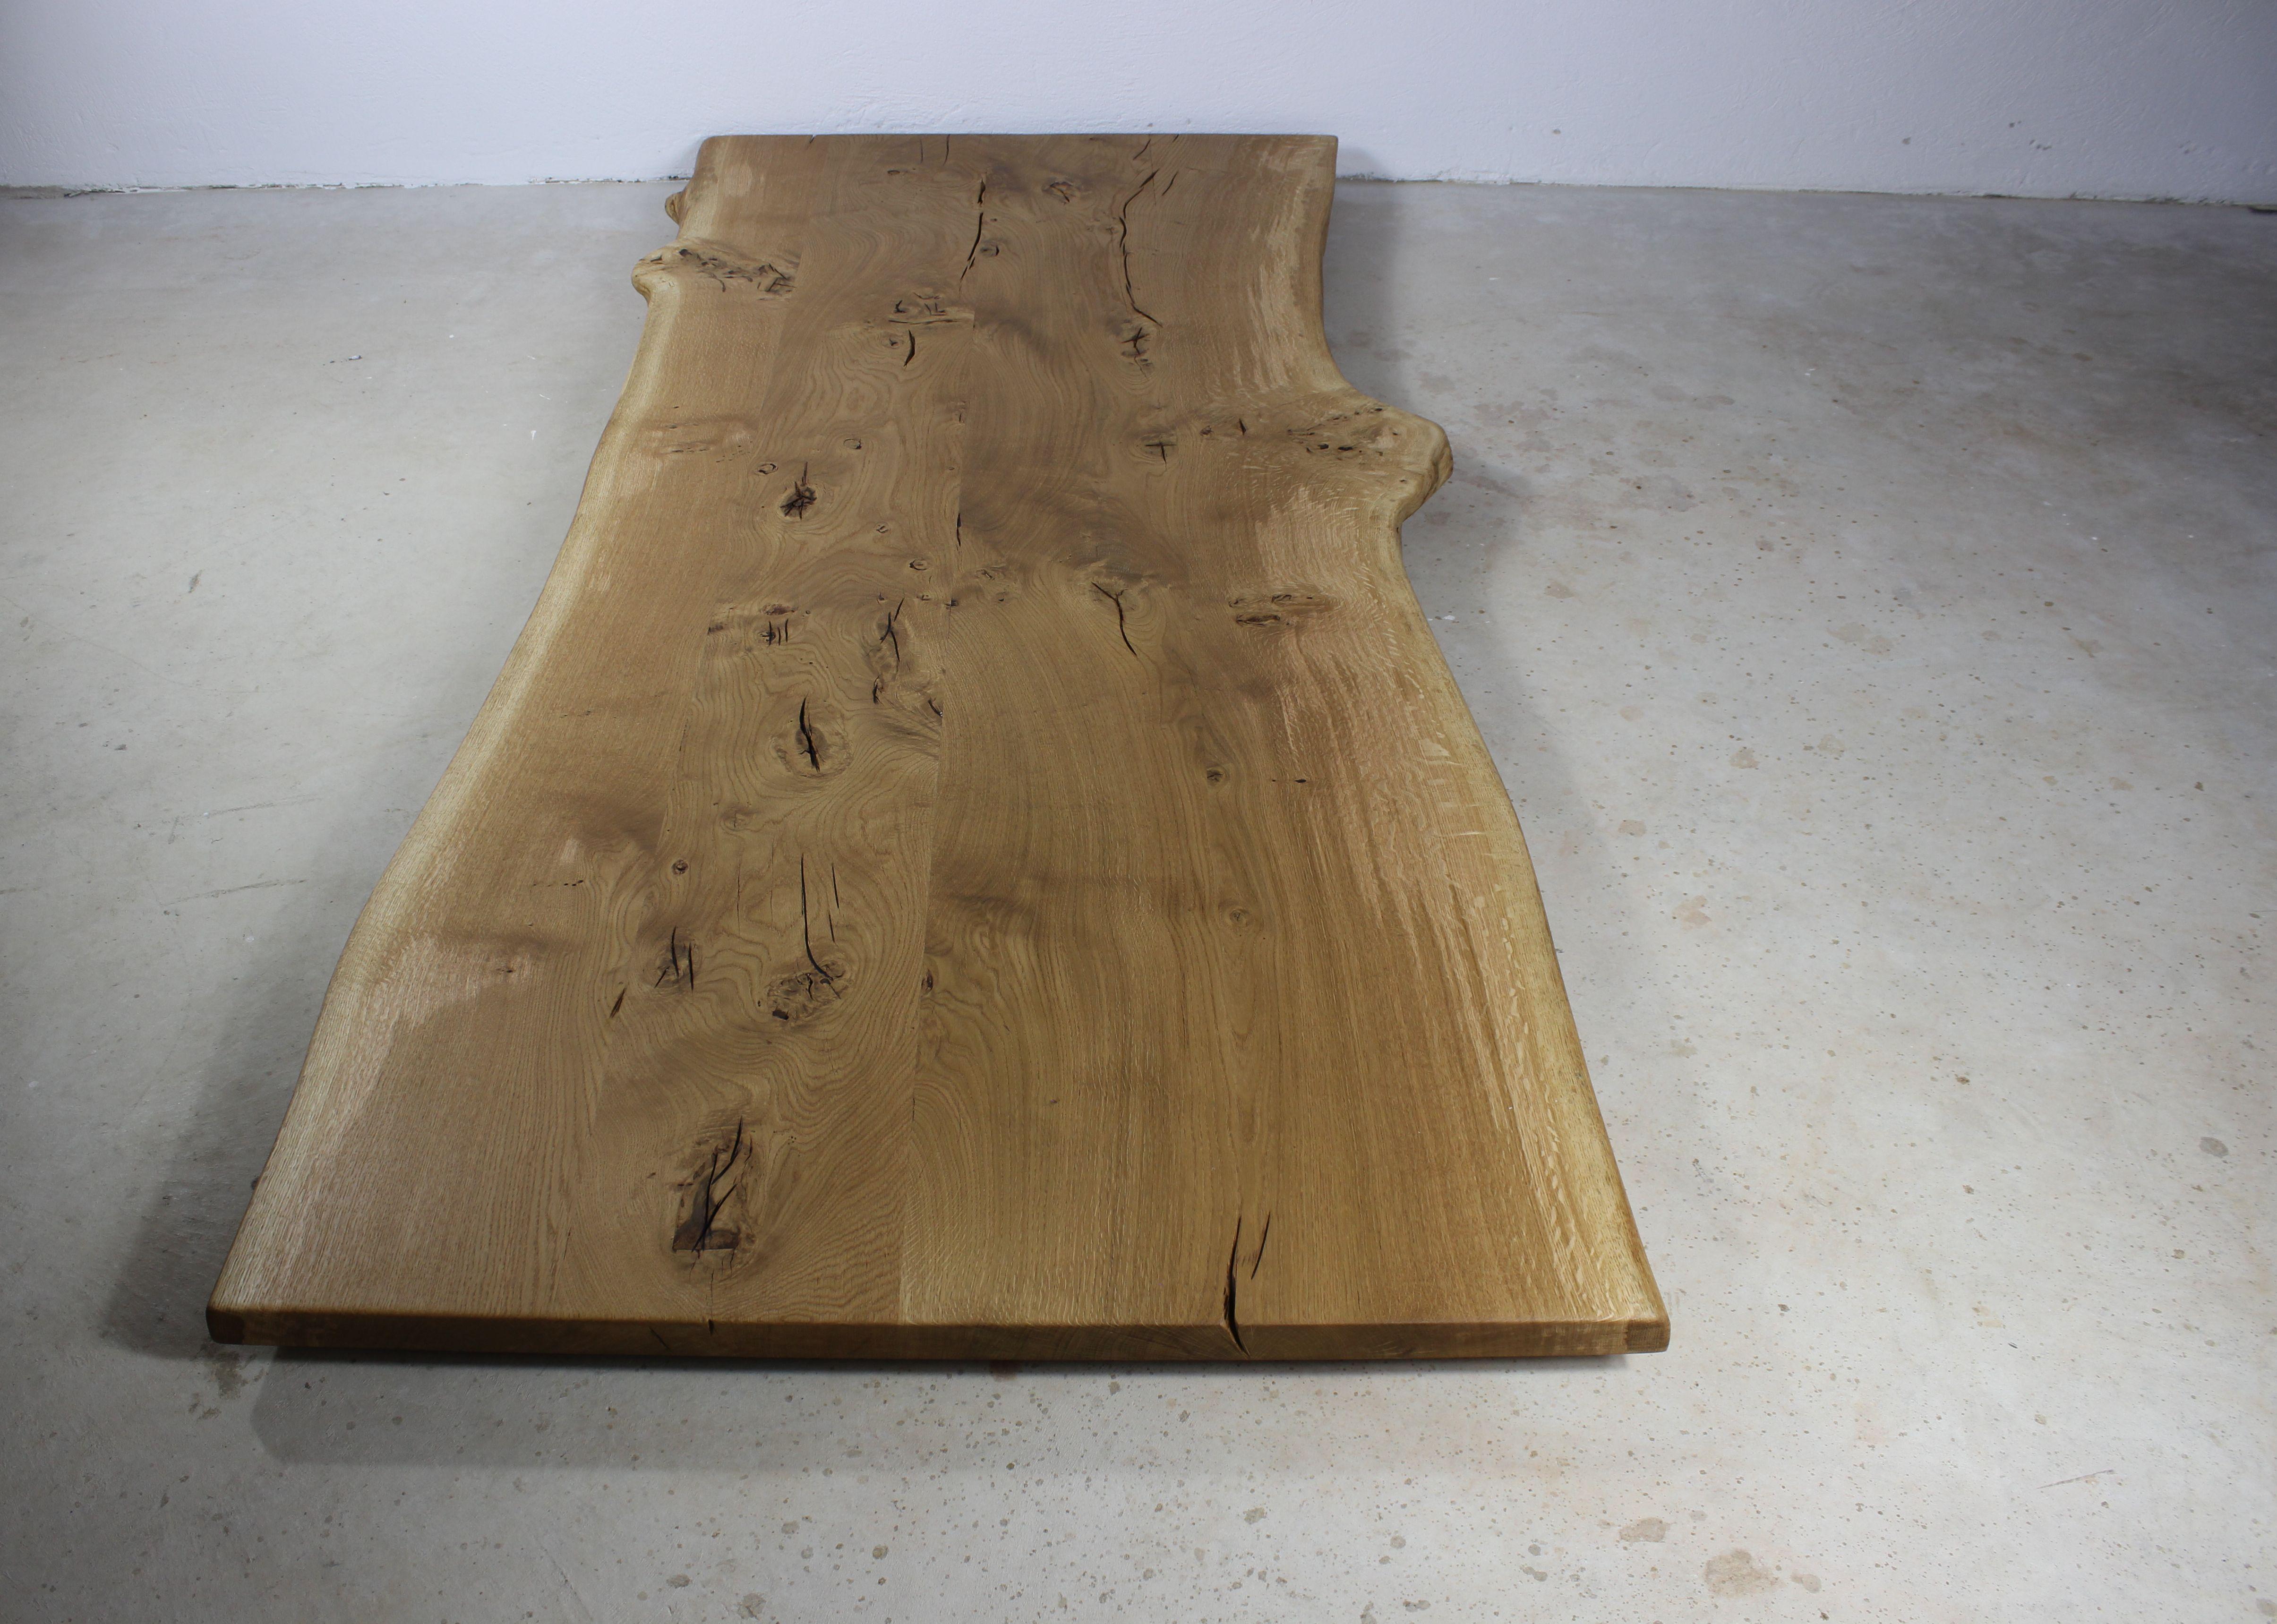 Tischplatte Massivholz Eiche Geolt Mit Baumkante Nach Mass Eiche Geolt Tischplatten Eiche